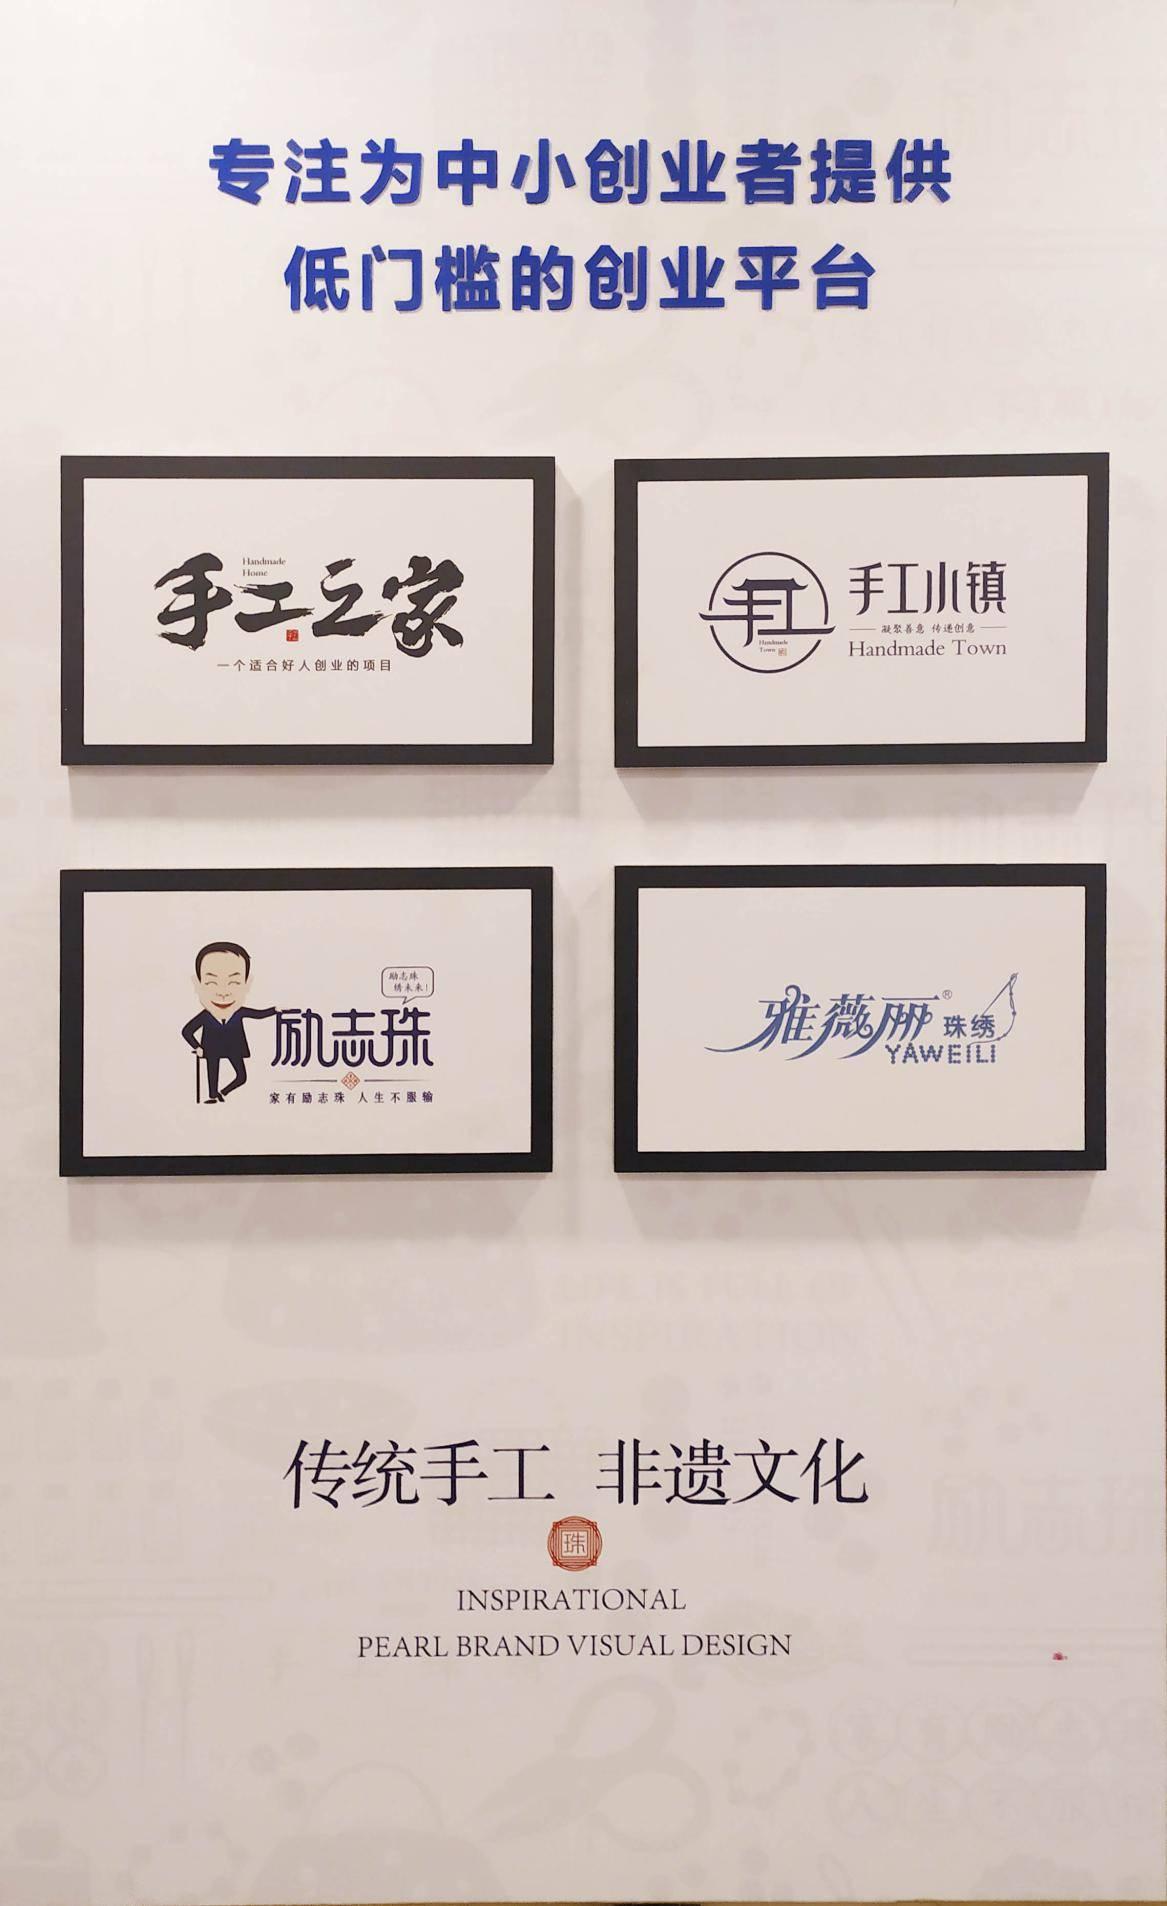 身残志坚创伟业_珠绣文化铸辉煌—记残疾人企业家郝磊